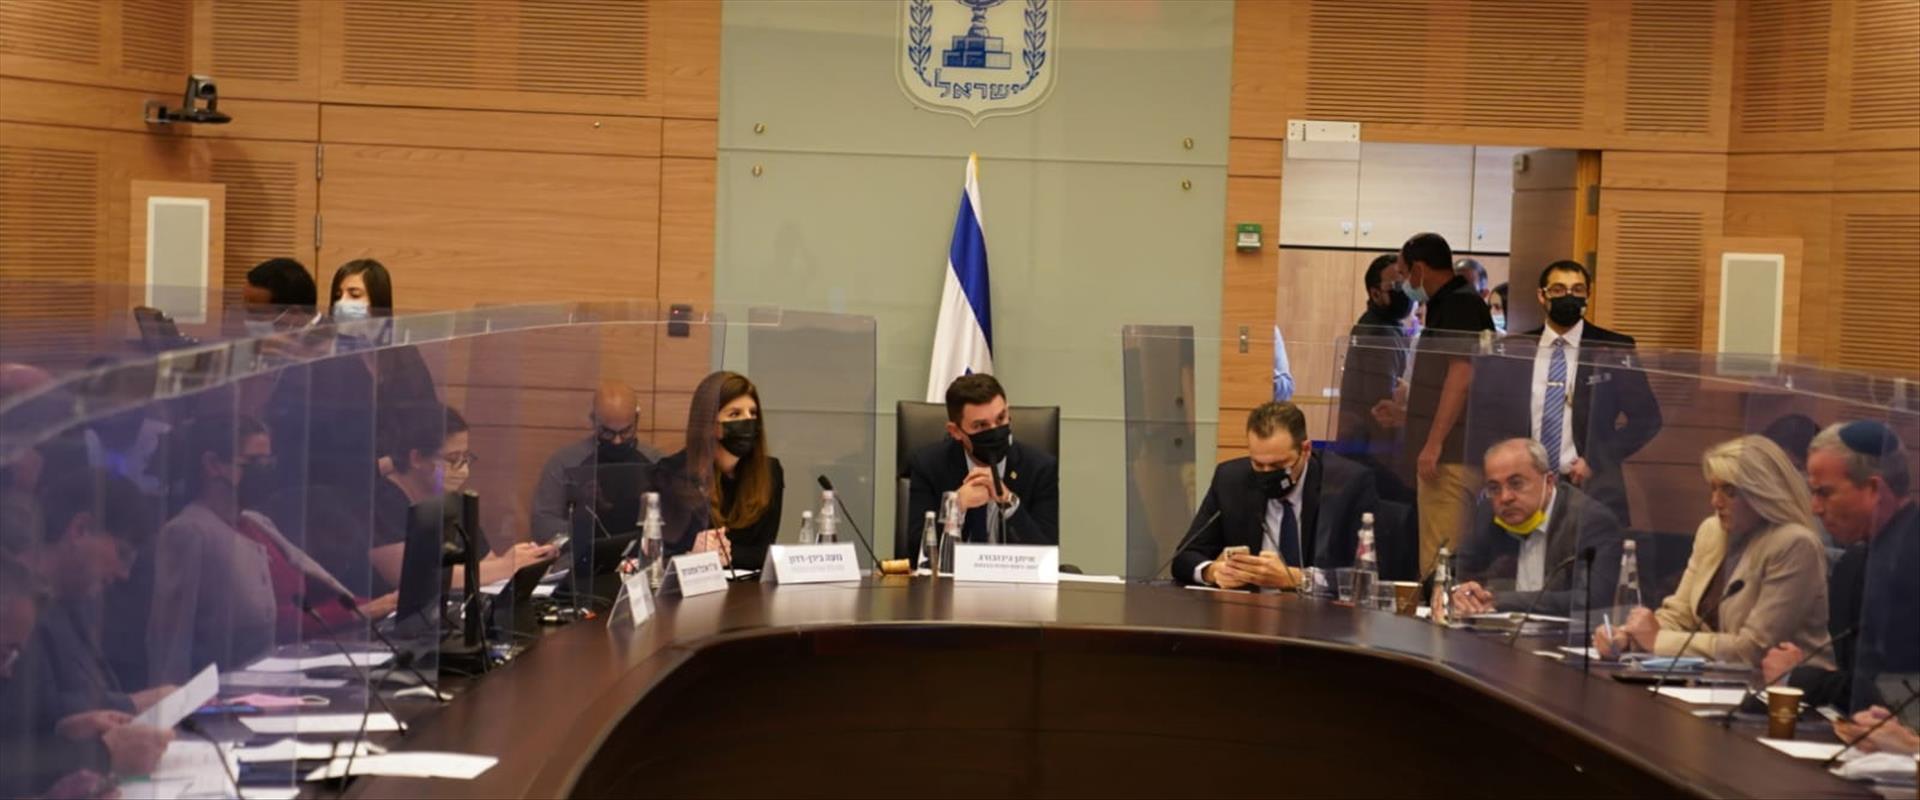 ועדת הכנסת דנה בפיזור הכנסת